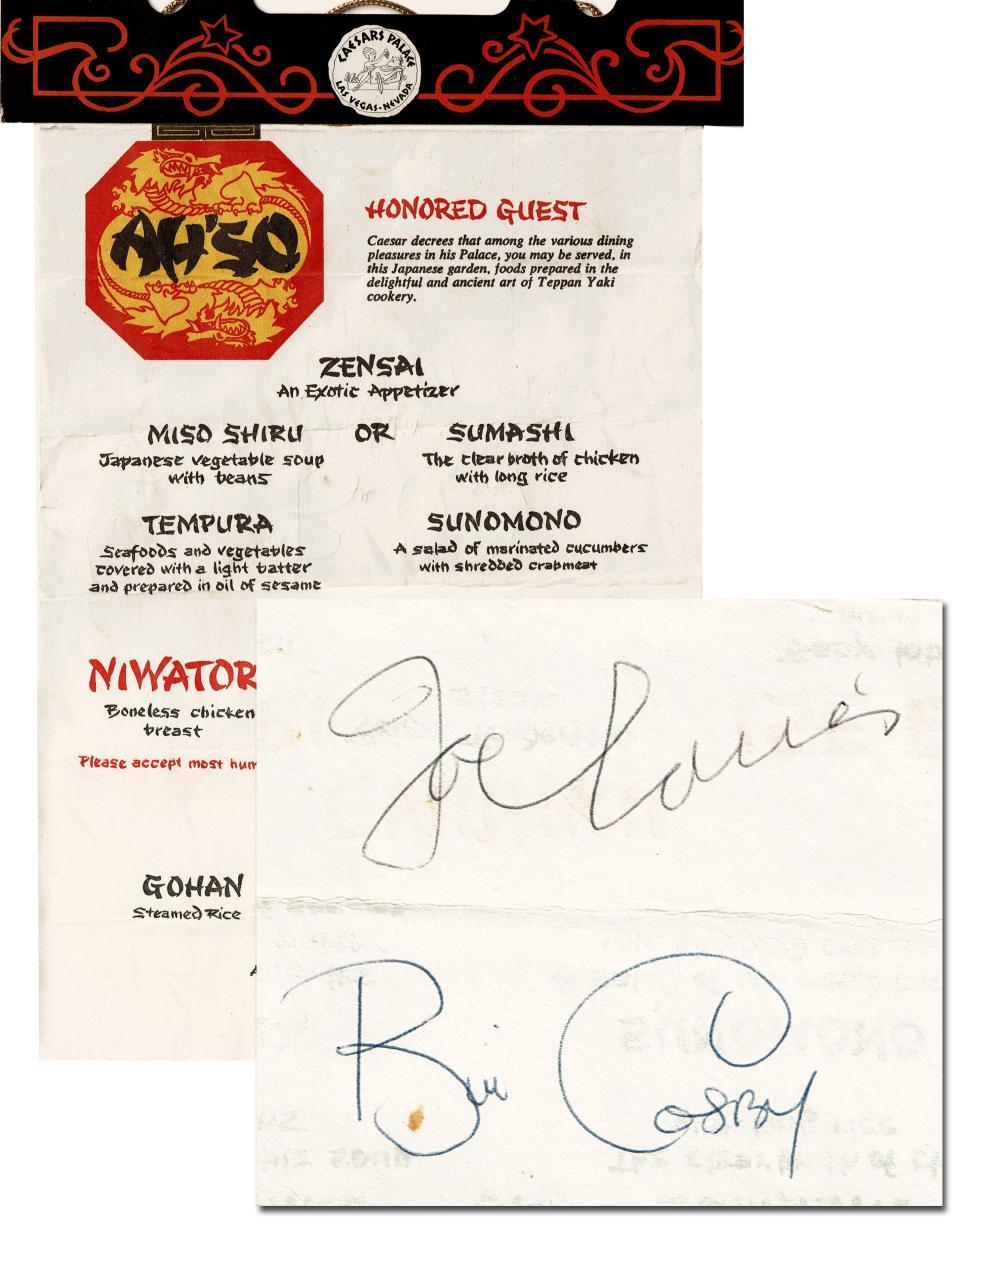 Joe Louis & Bill Cosby Signed Menu Caesar's Palace